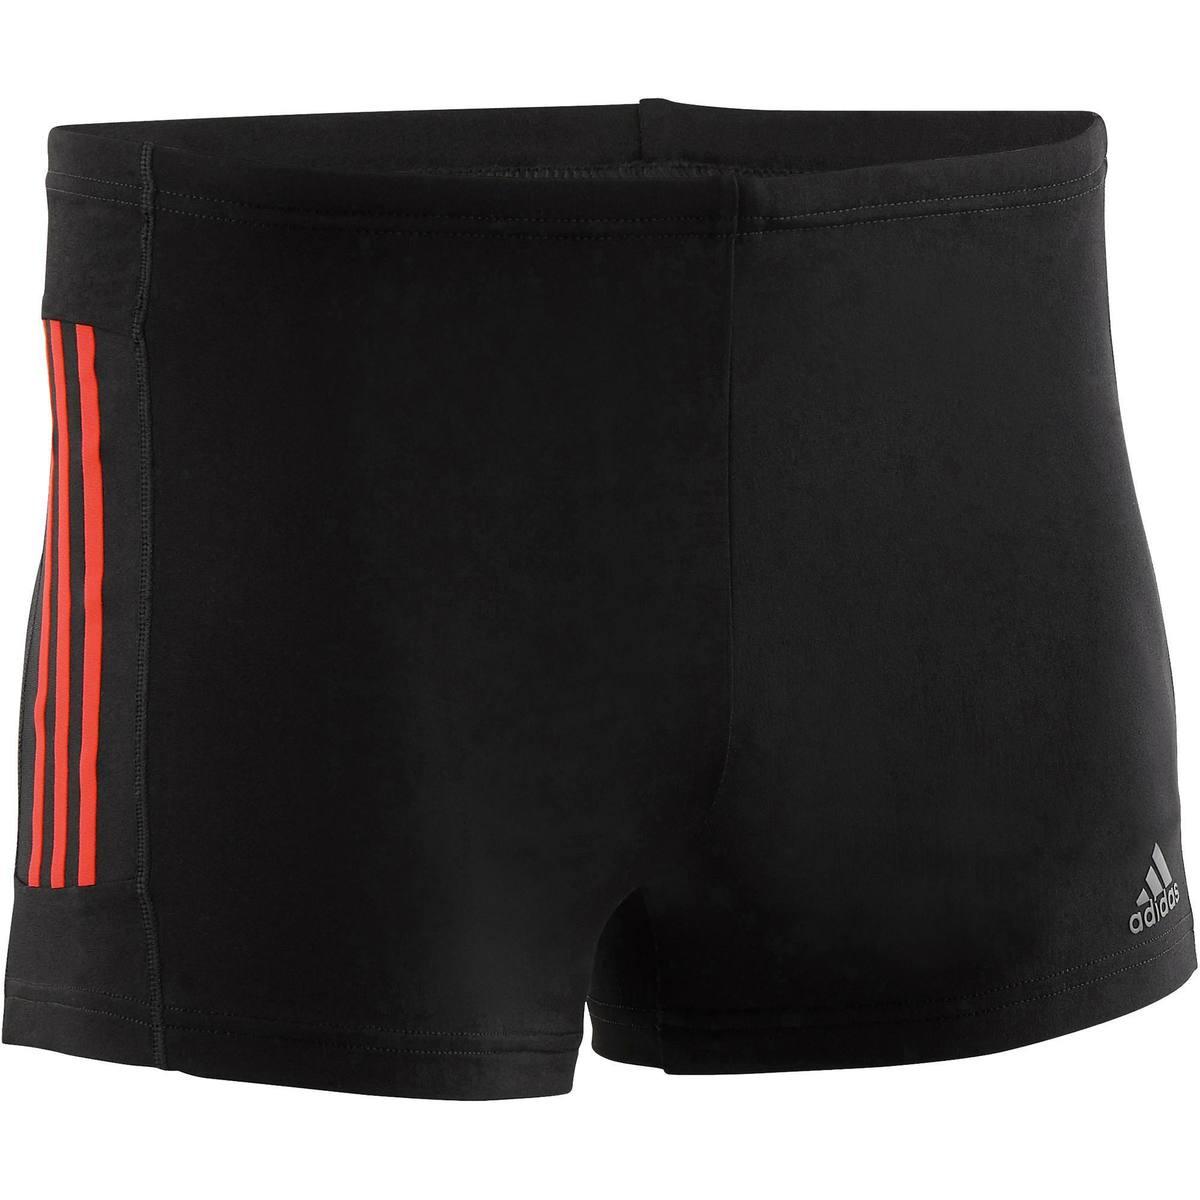 Bild 1 von Badehose Boxer 3 Streifen Herren schwarz/rot